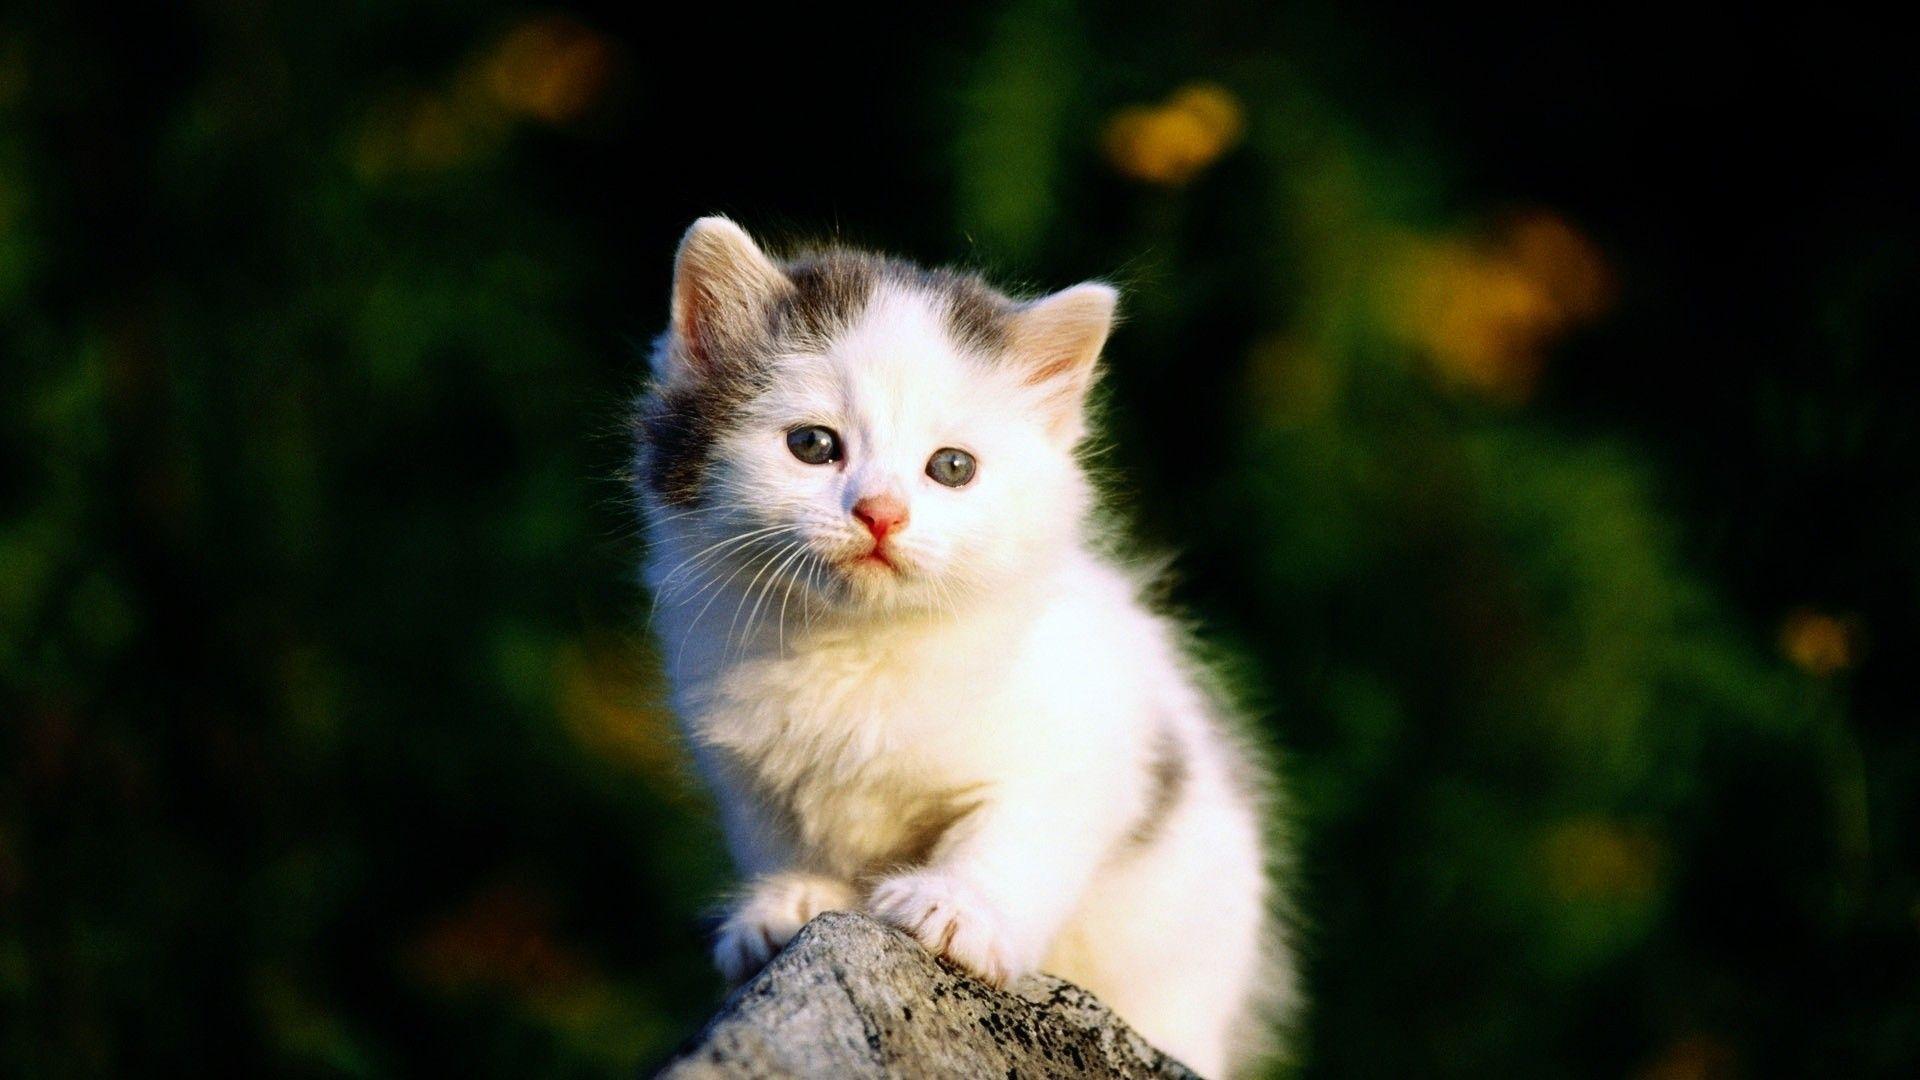 Wallpaper For Desktop Kittens